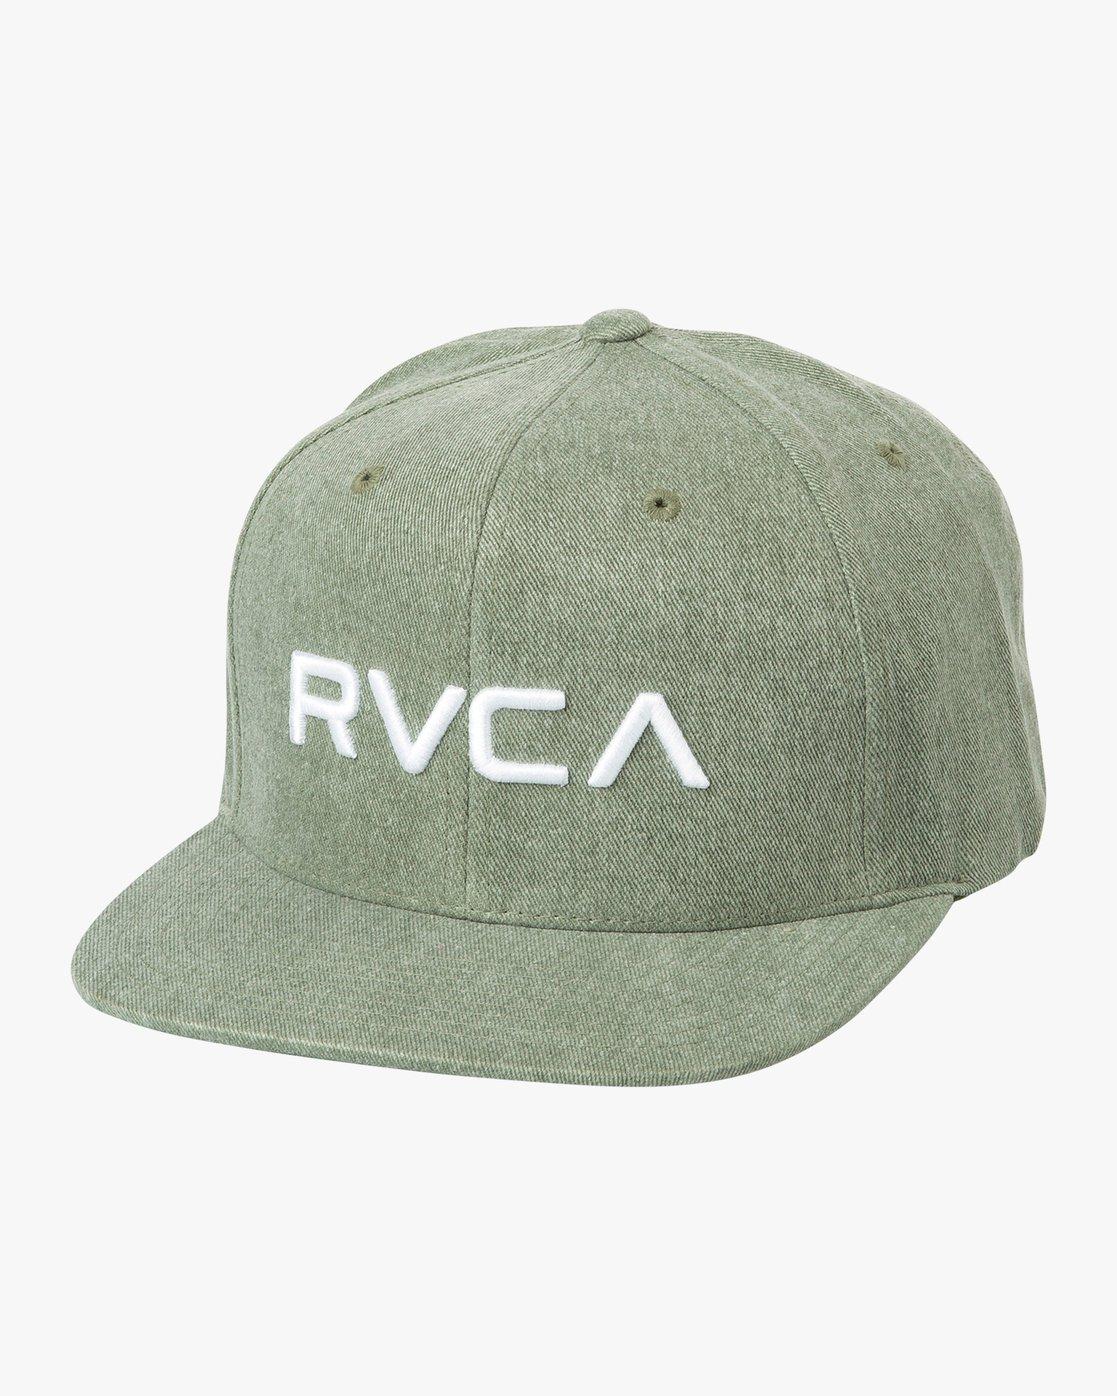 0 RVCA Twill Snapback III Hat Green MAAHWRSB RVCA